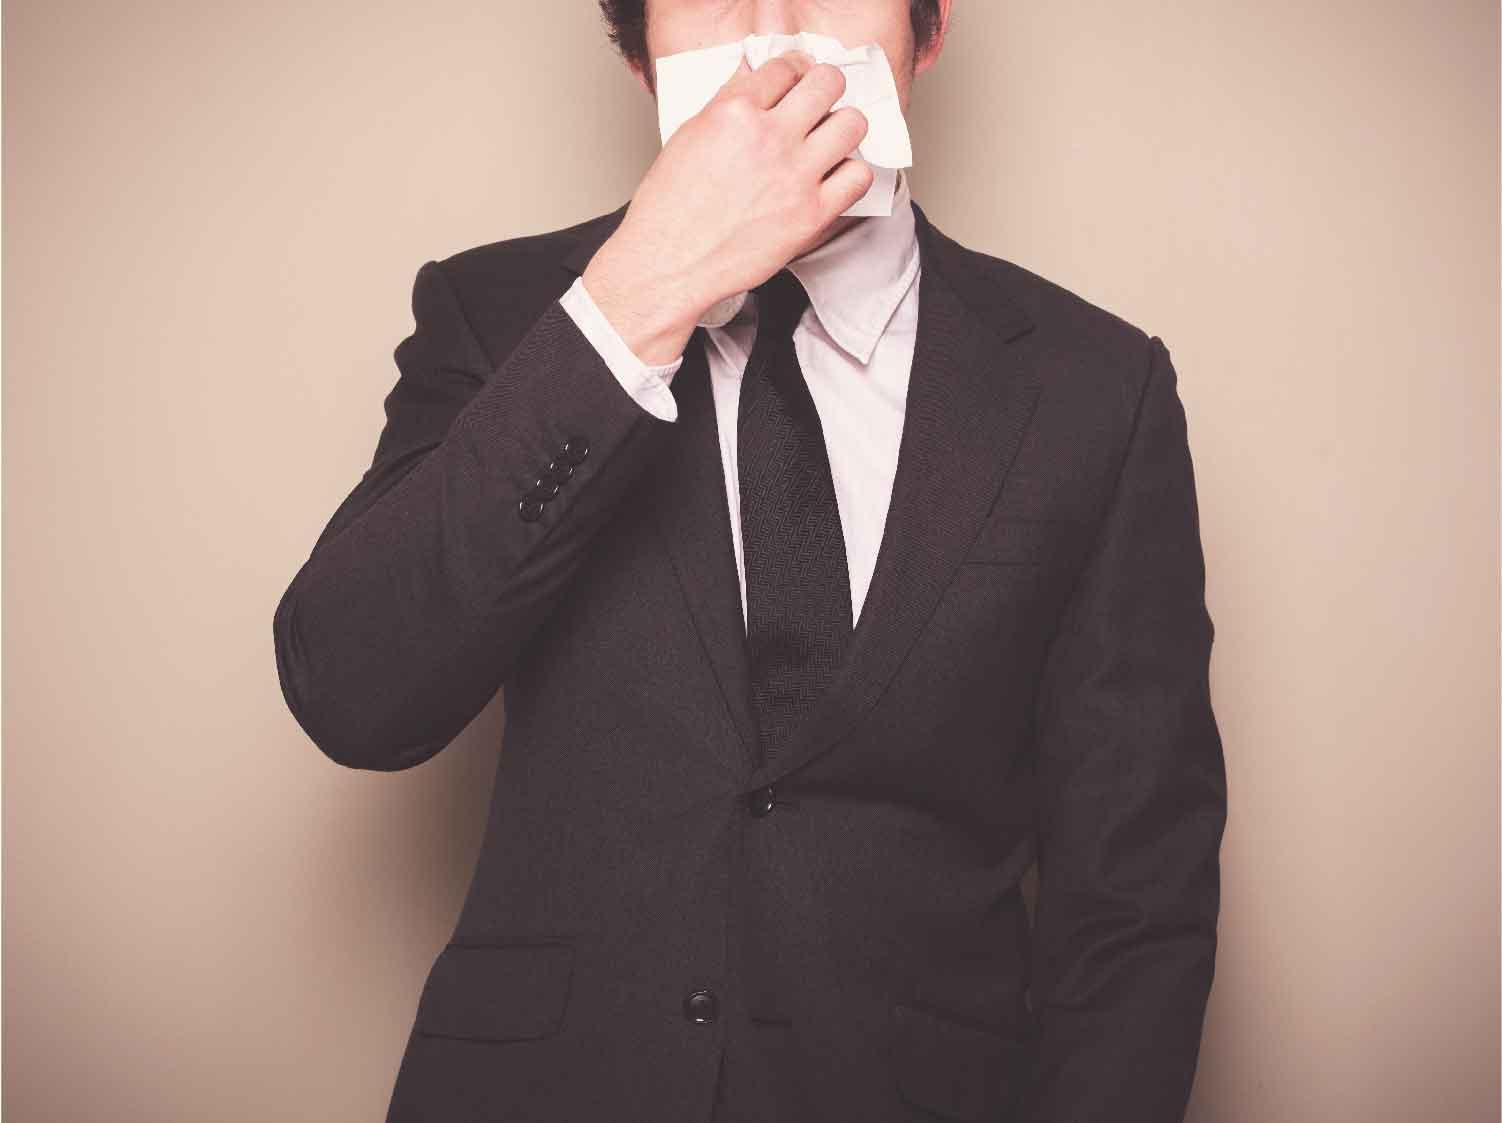 อาการไซนัสลงคอ น้ำมูกไหลลงคอ รักษาอย่างไร